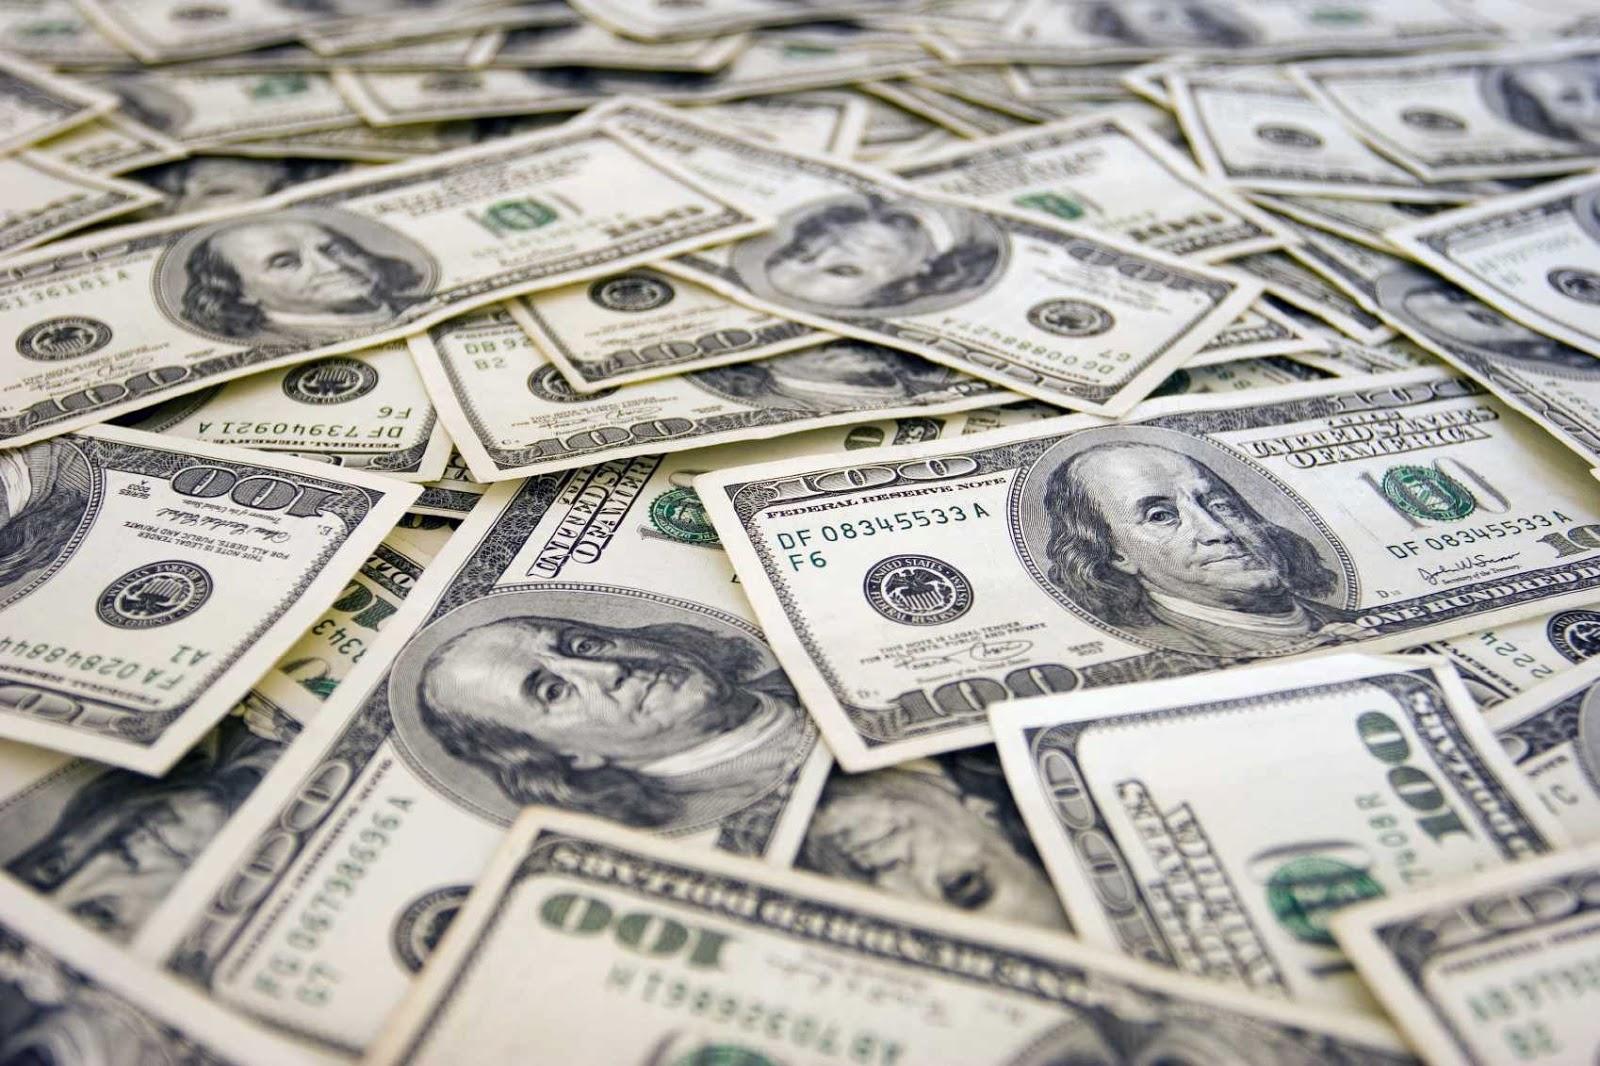 اسعار الدولار في مصر اليوم الخميس 27-3-2017 , الدولار في السوق السوداء